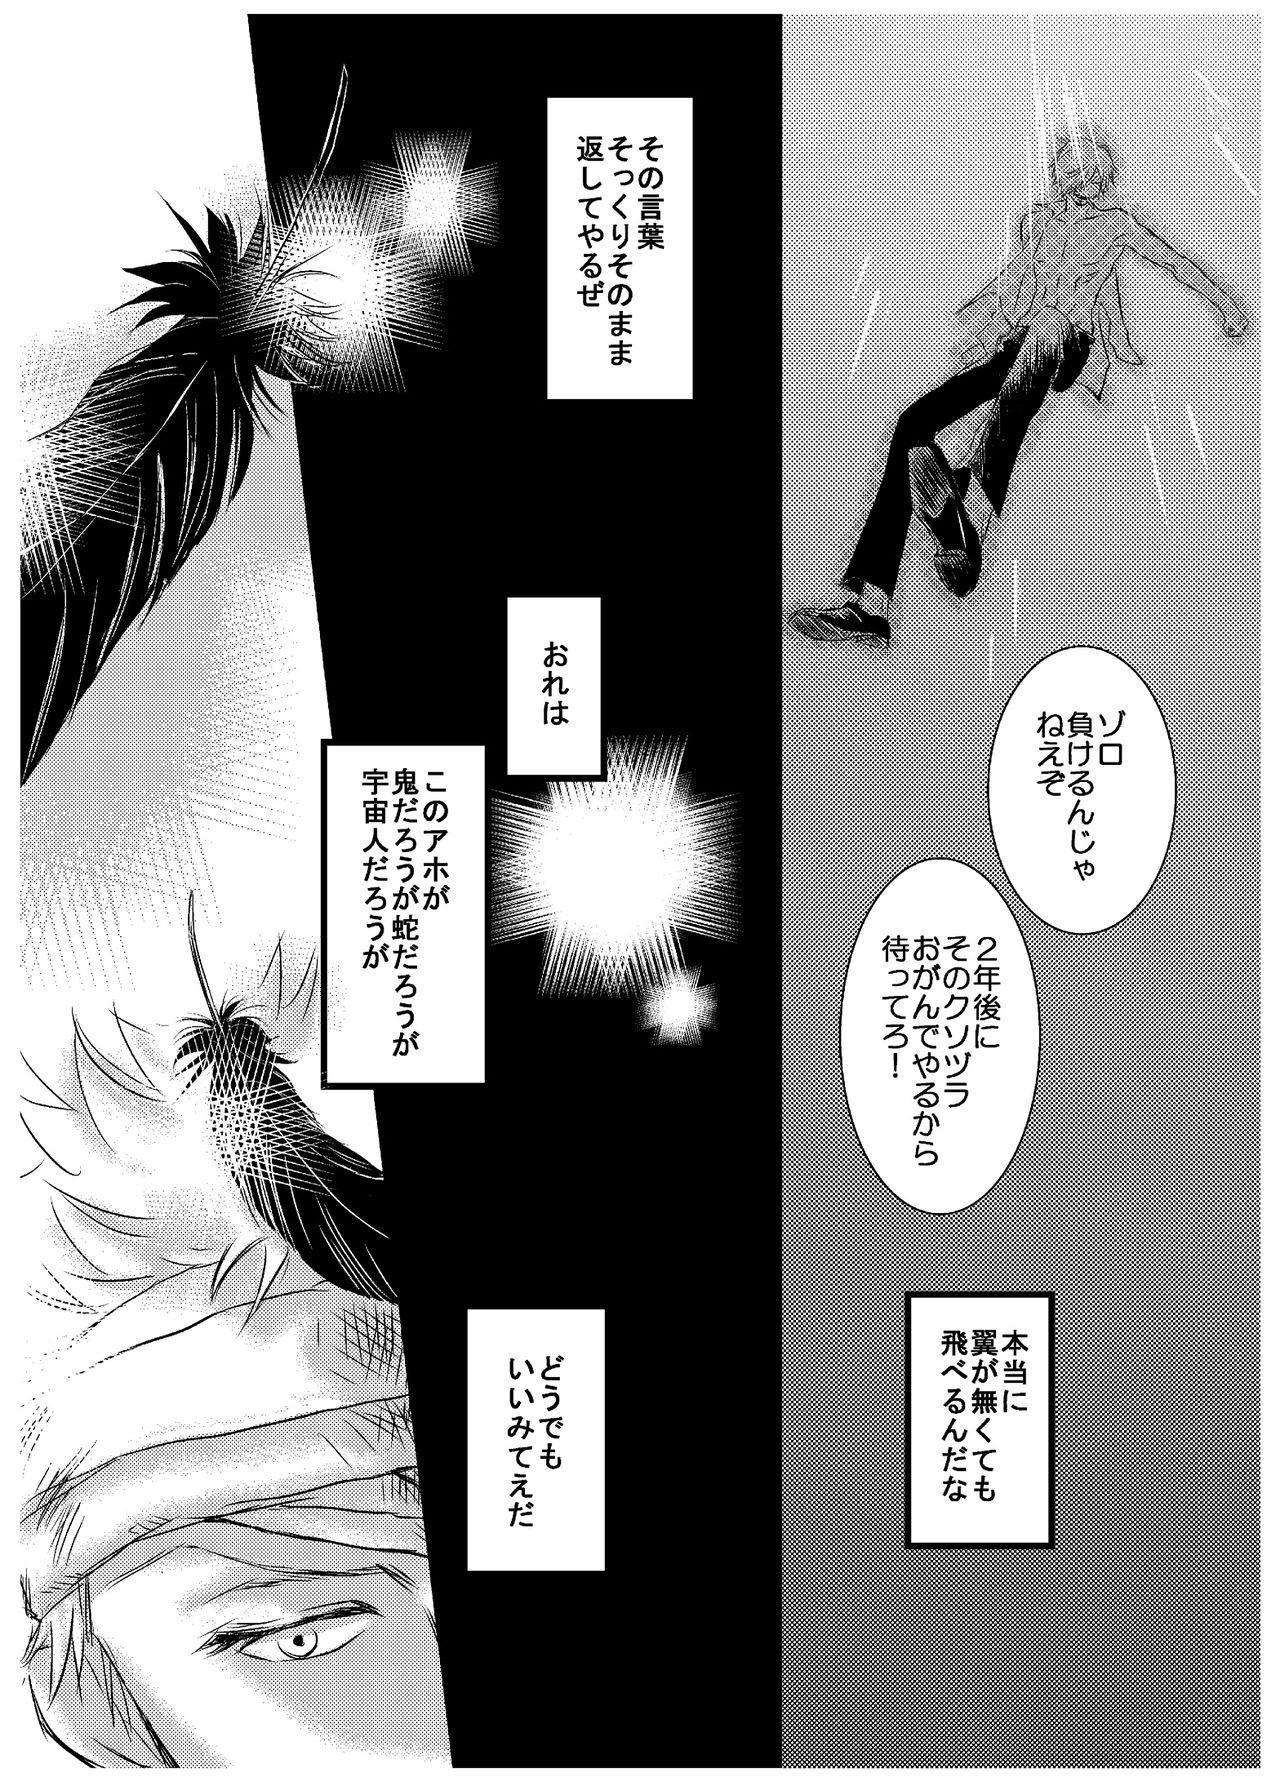 Inryoku de Hanasanai 29